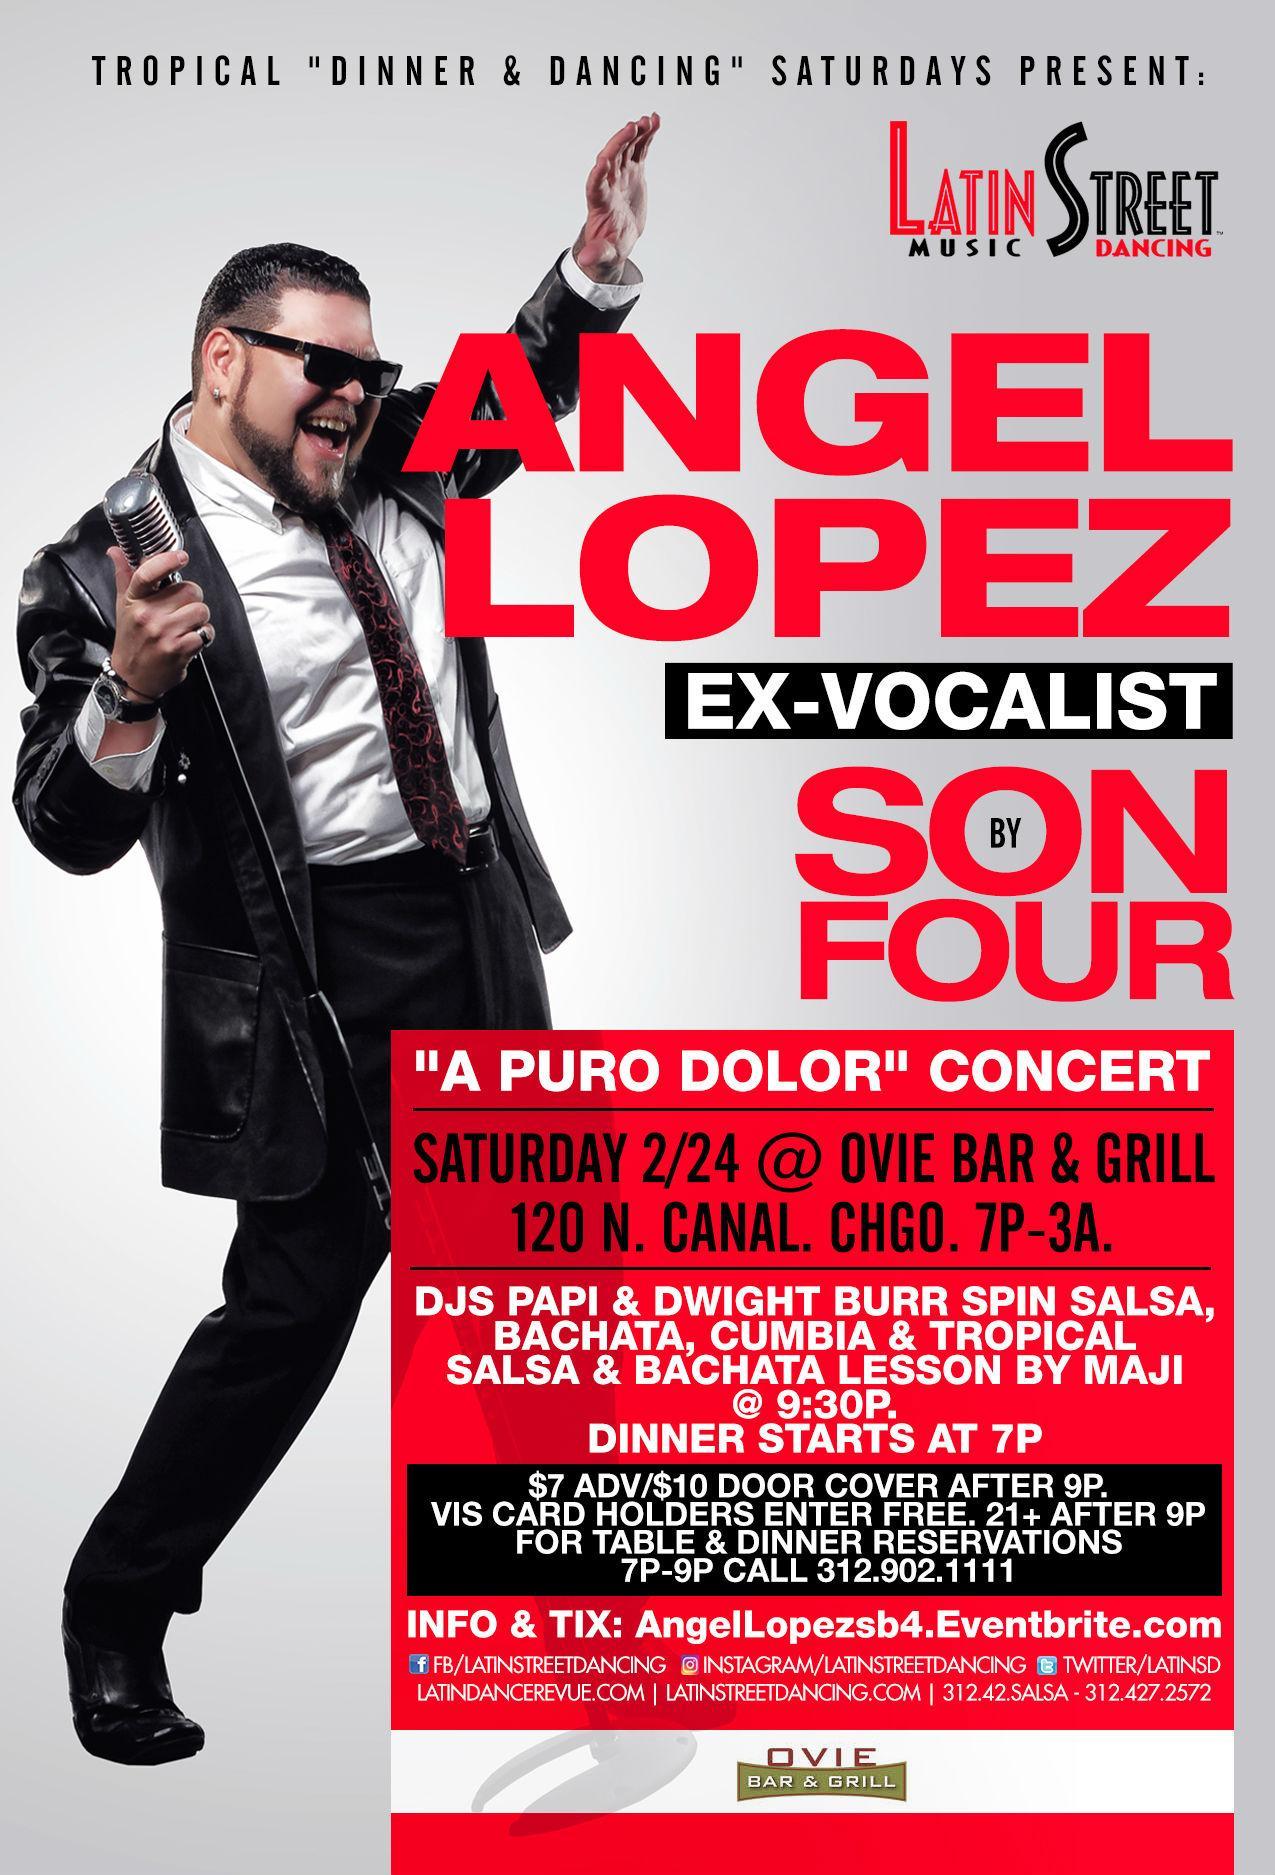 """Son by Four ex-vocalist Angel Lopez """"A Puro D"""